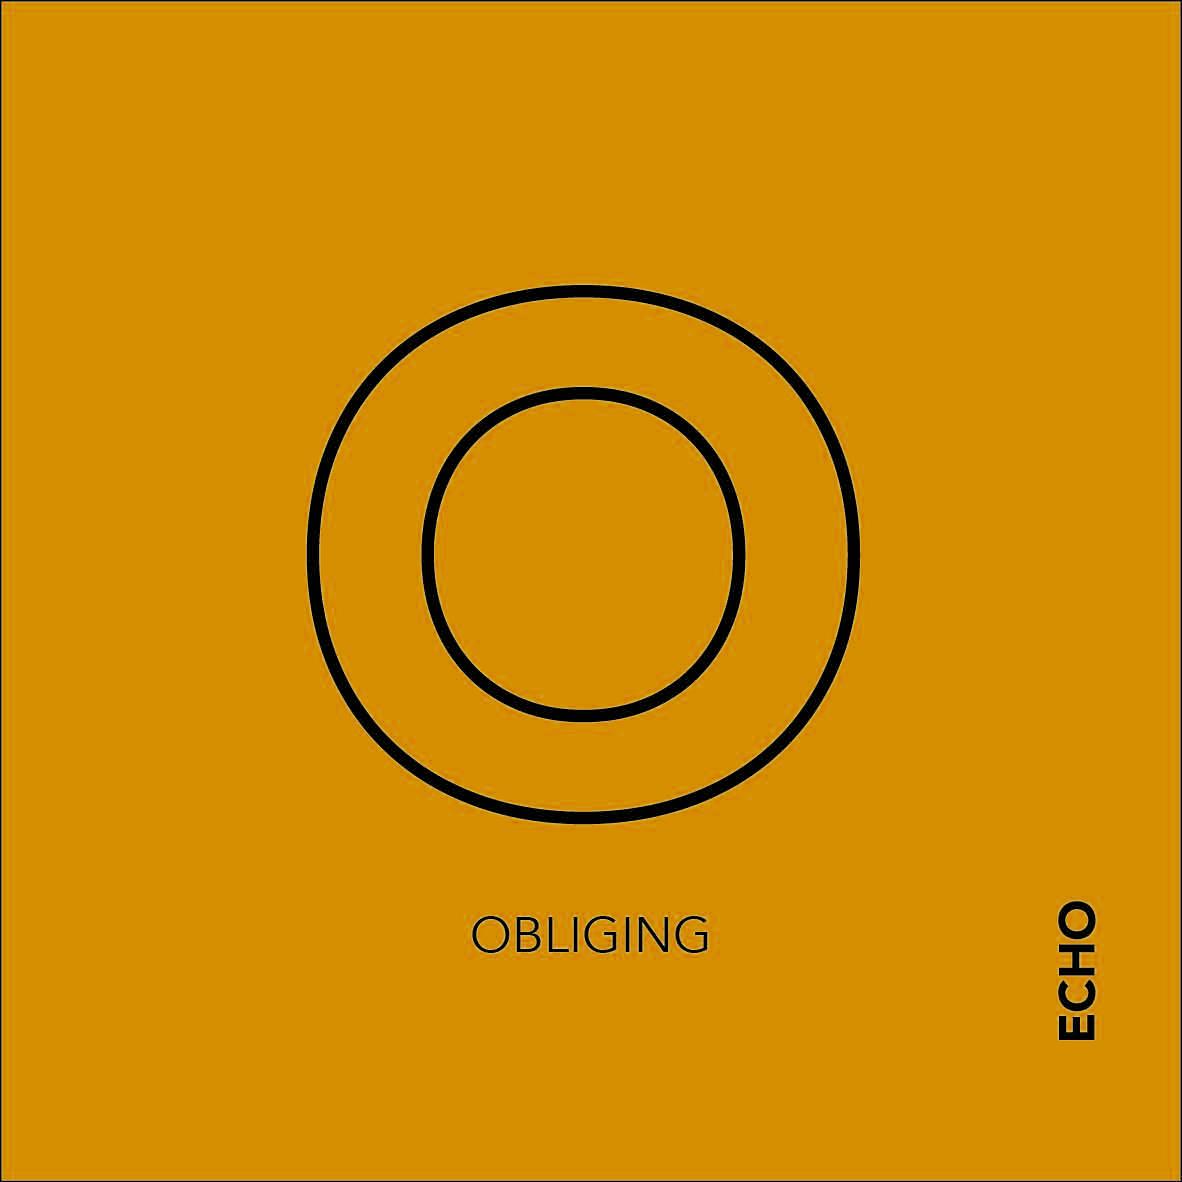 Obliging